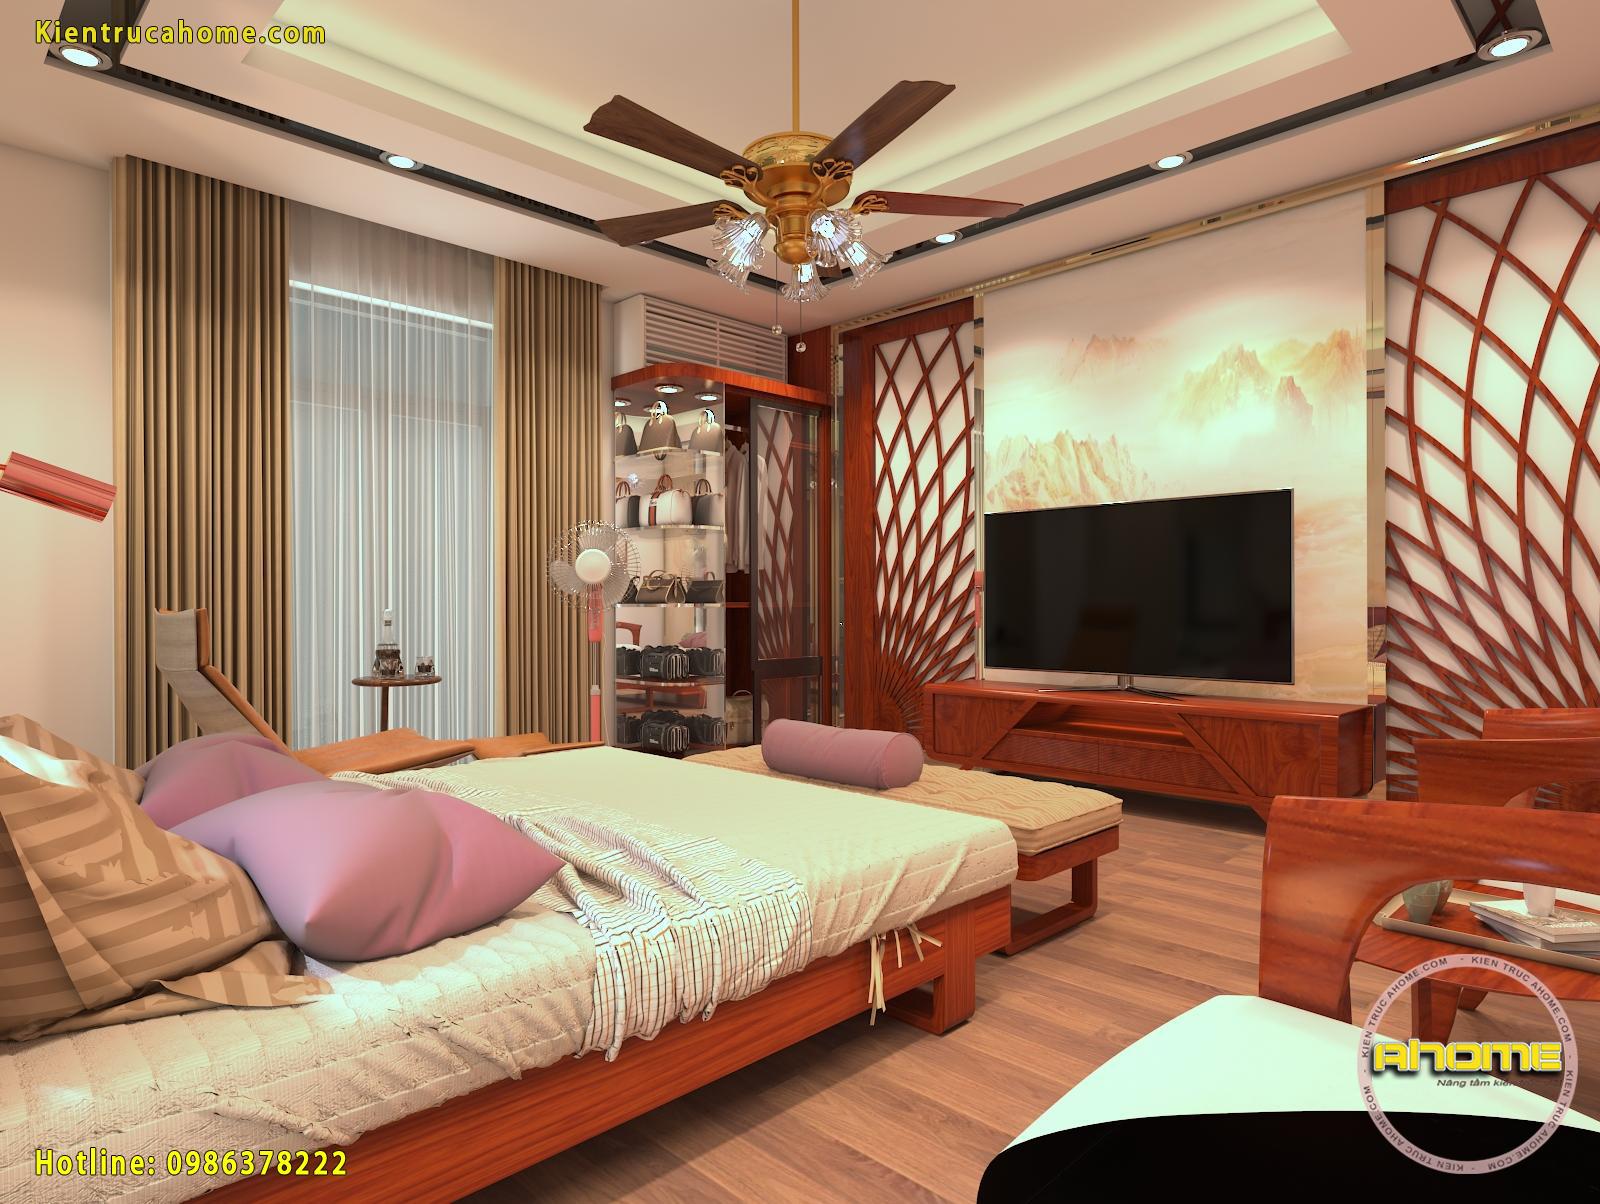 Mẫu thiết kế Nội thất biệt thự Hiện đại sang trọng NT20023(CĐT: Bà Huấn- TPHCM)